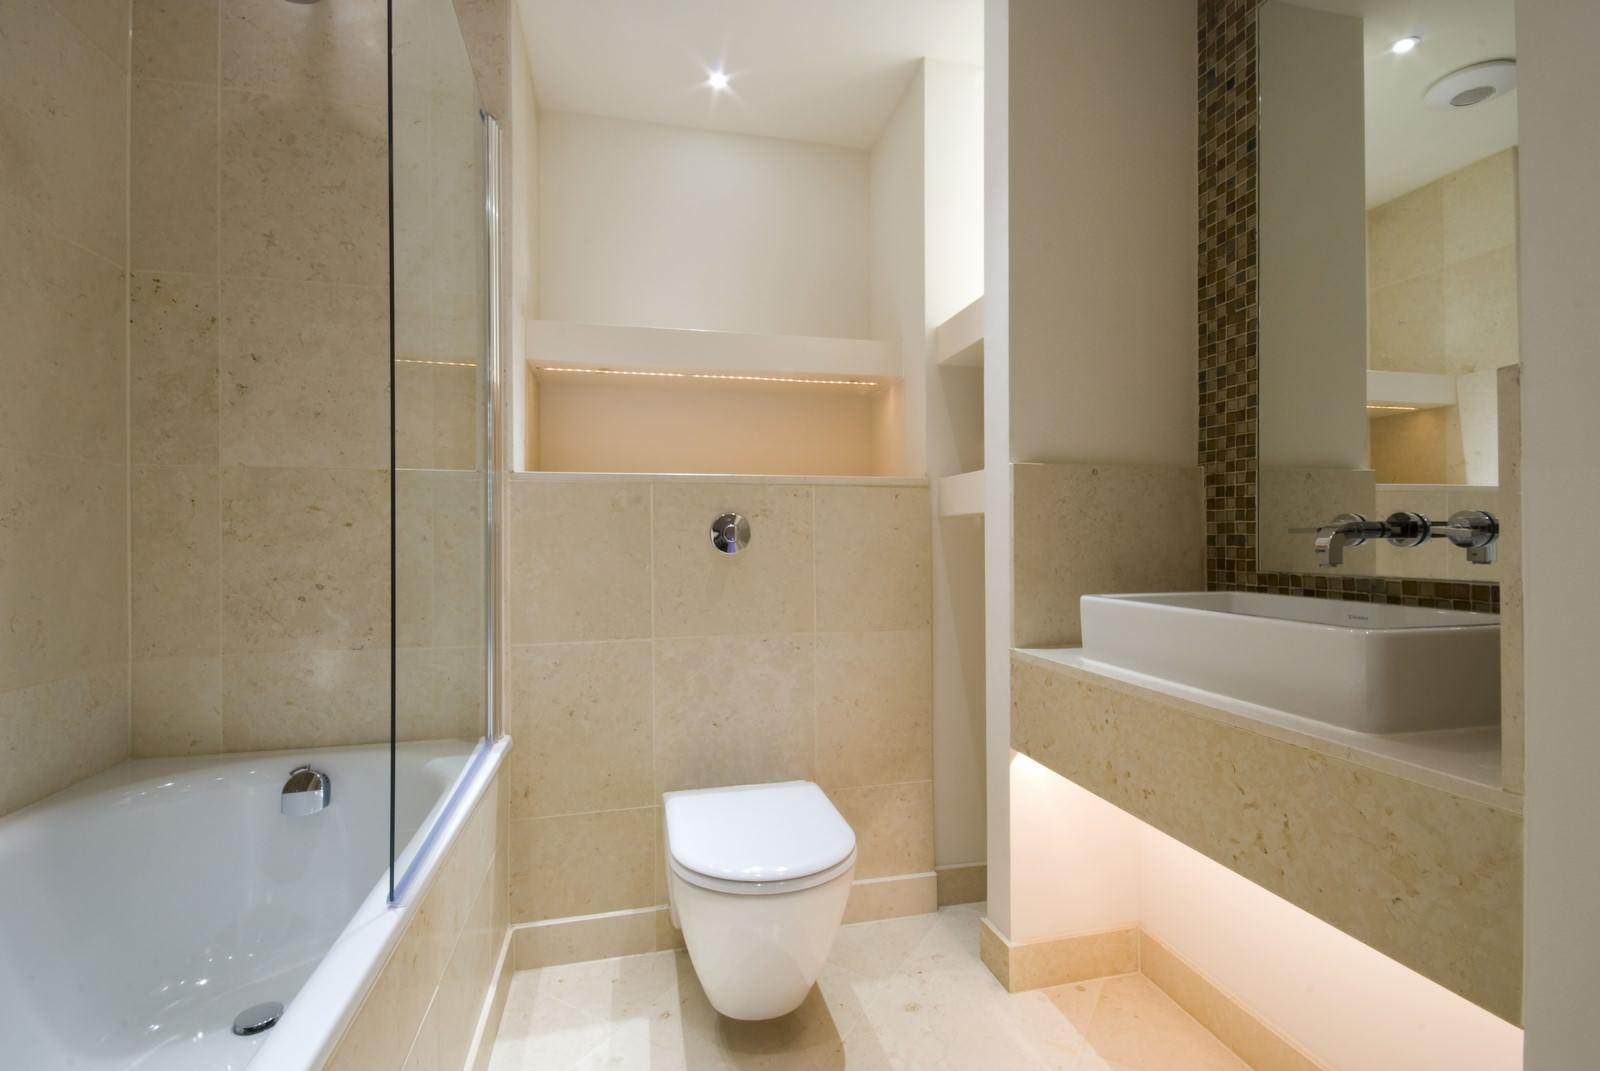 Tanguy Salle De Bain Salle Deau WC